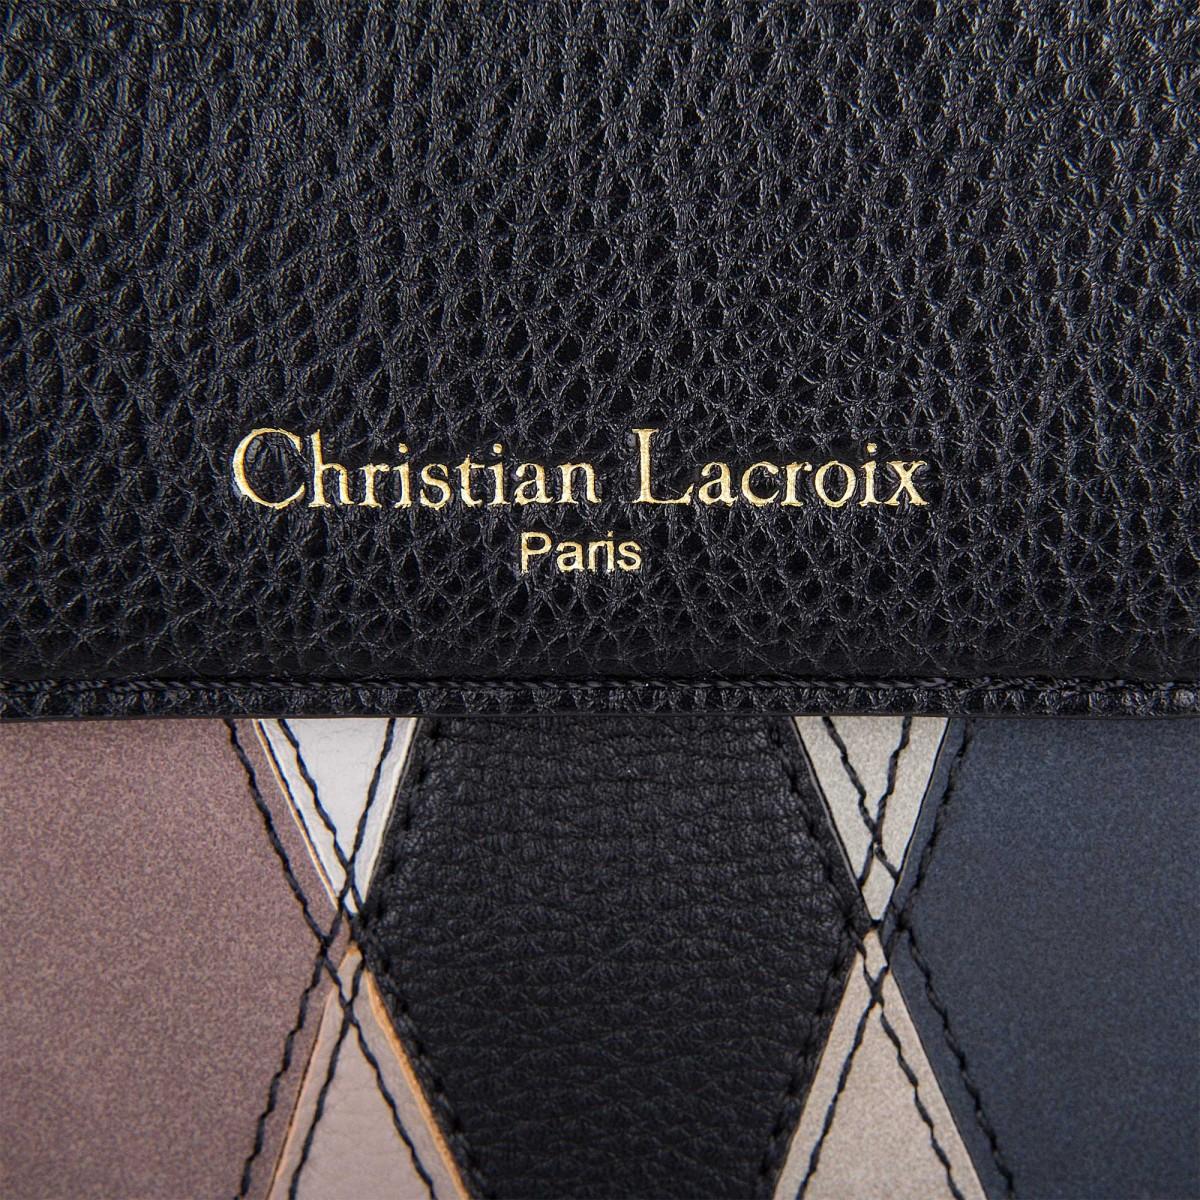 petit sac simili cuir noir motifs losanges femme christian lacroix à